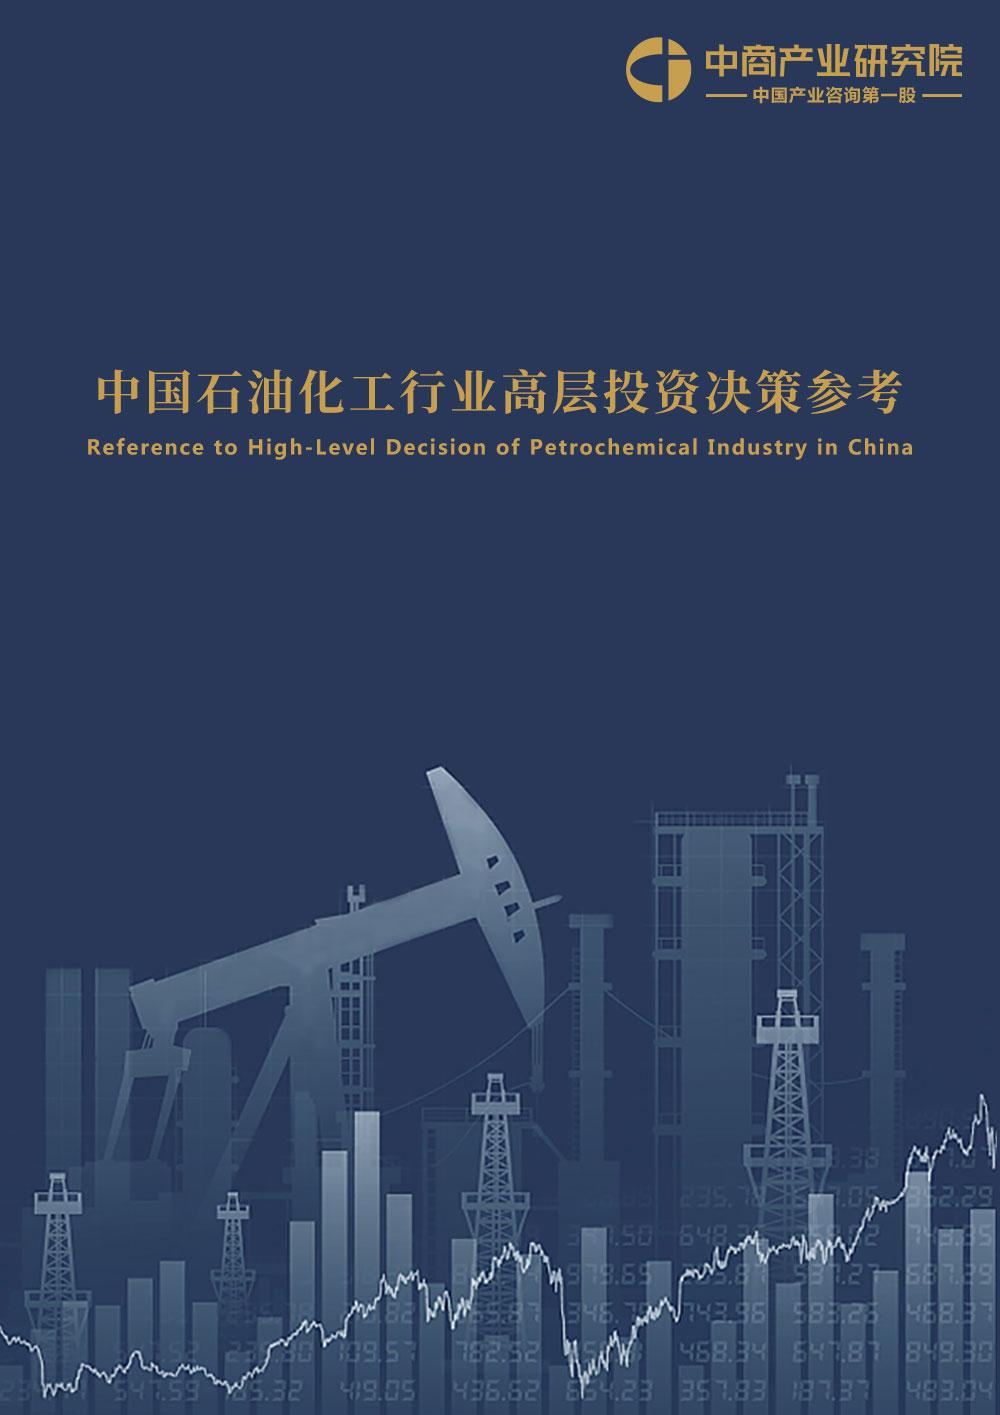 中国石油化工行业投资决策参考(2019年2月)